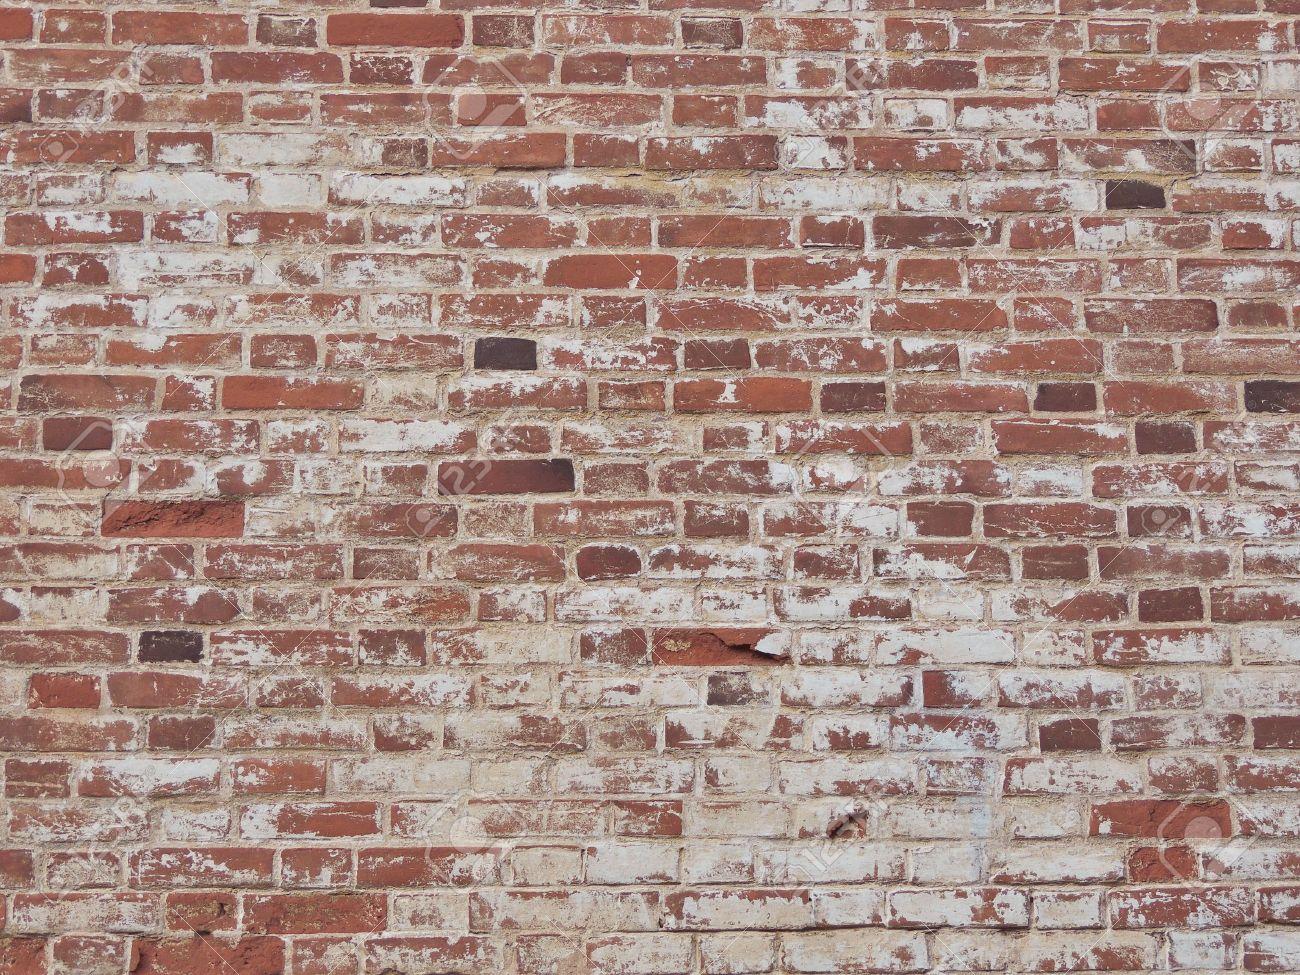 Peindre Un Mur De Brique vieux mur de briques rouges avec de la peinture défraîchie. brique de fond.